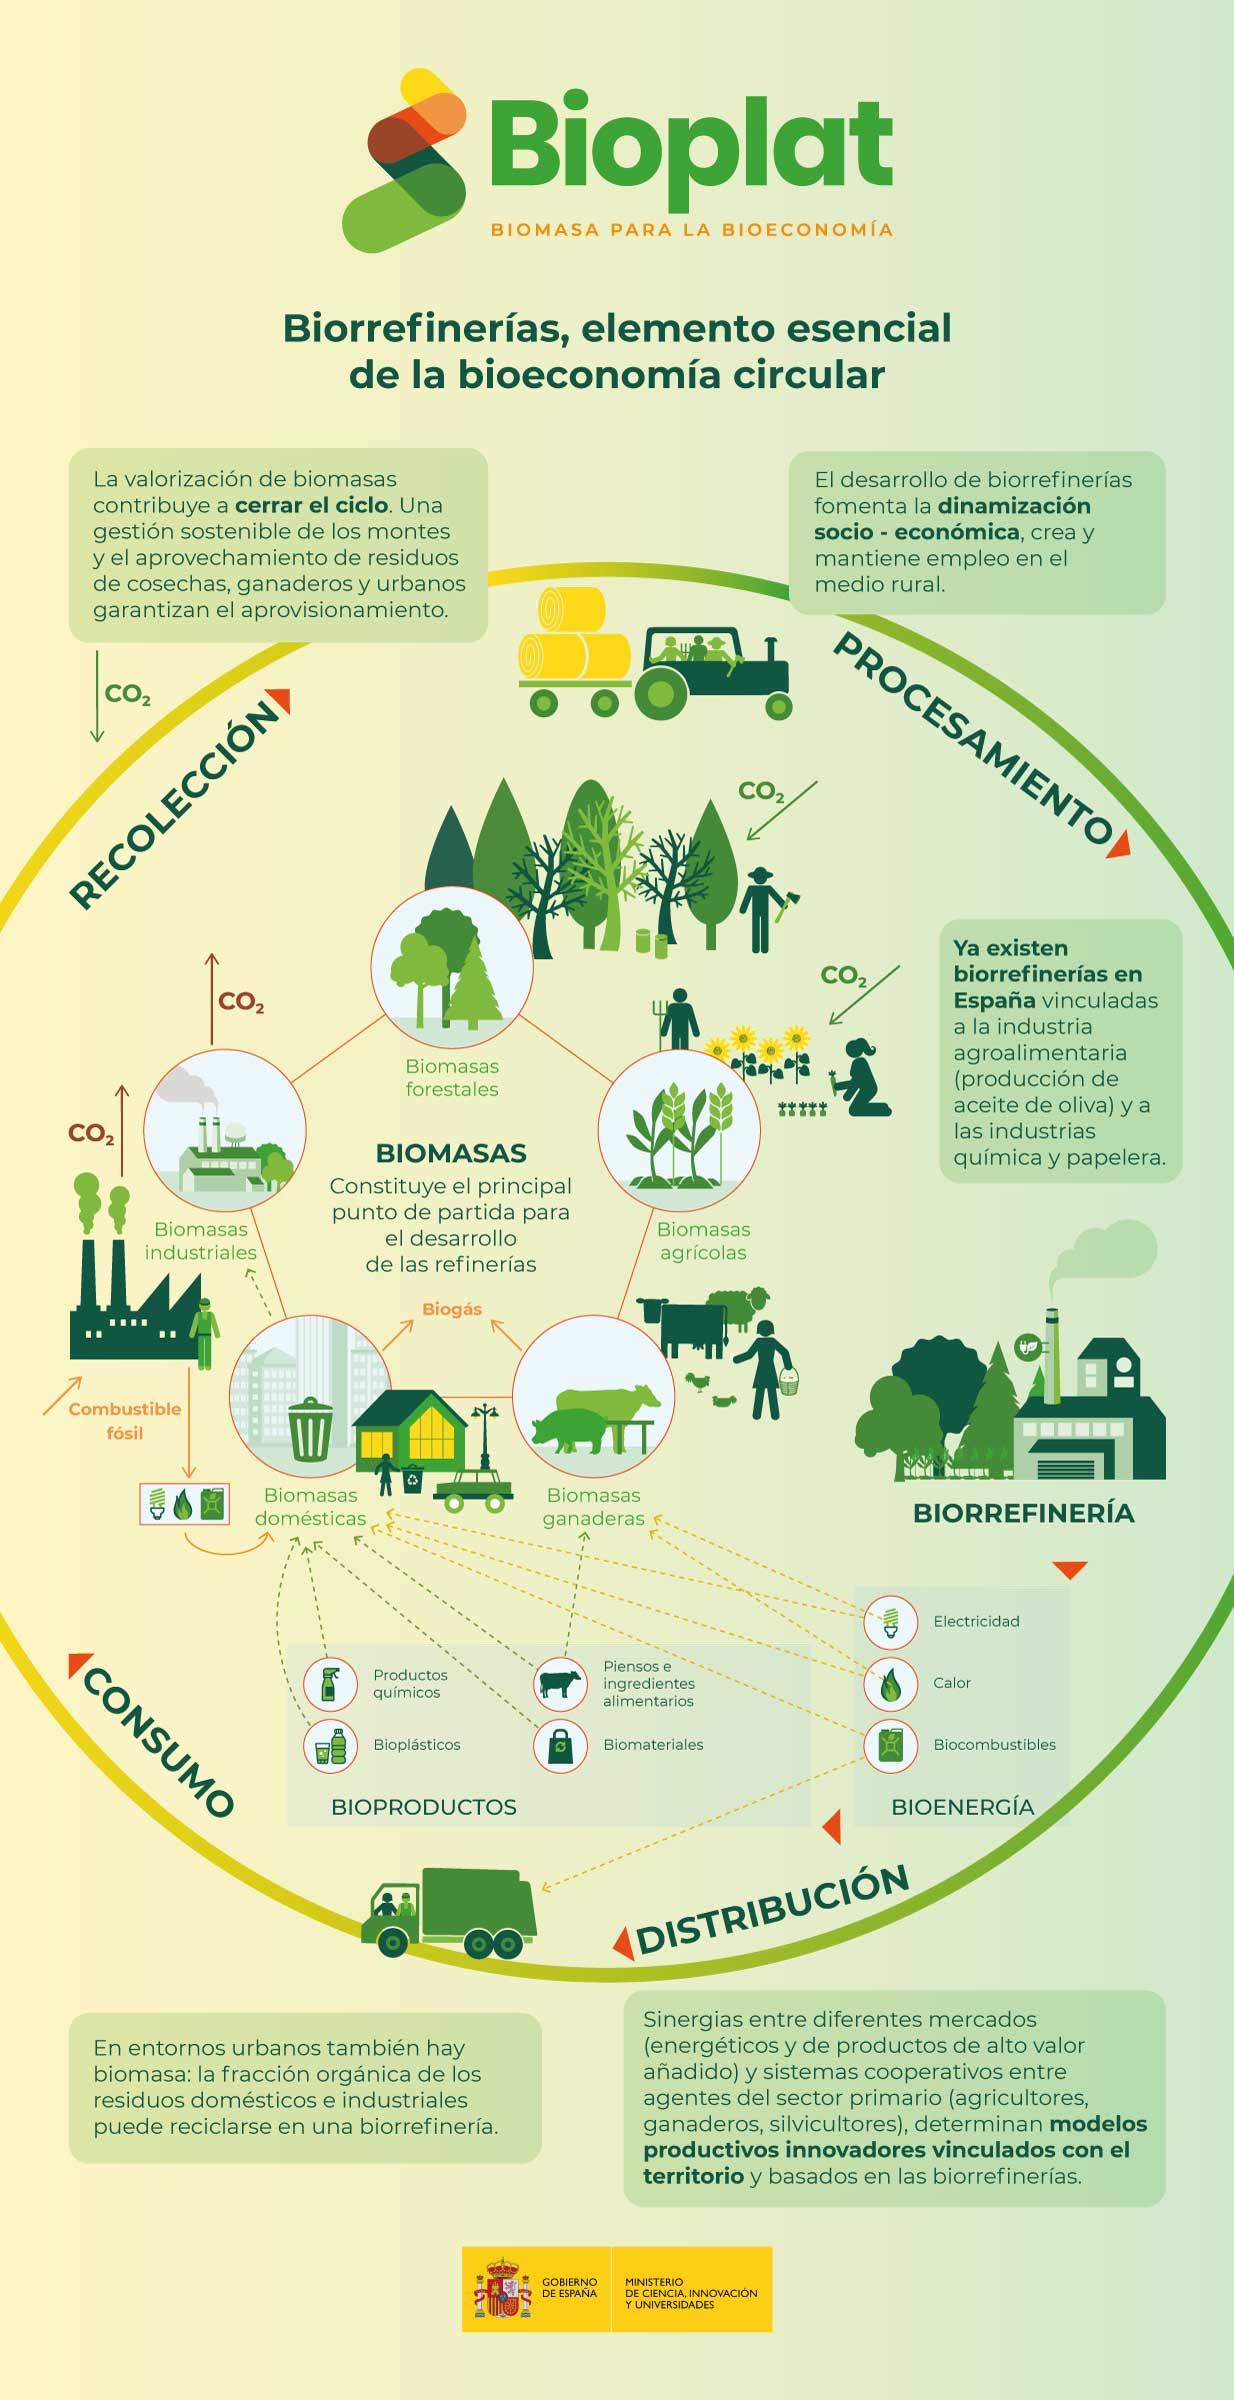 (Español) Biorrefinerías, elemento esencial de la bioeconomía circular